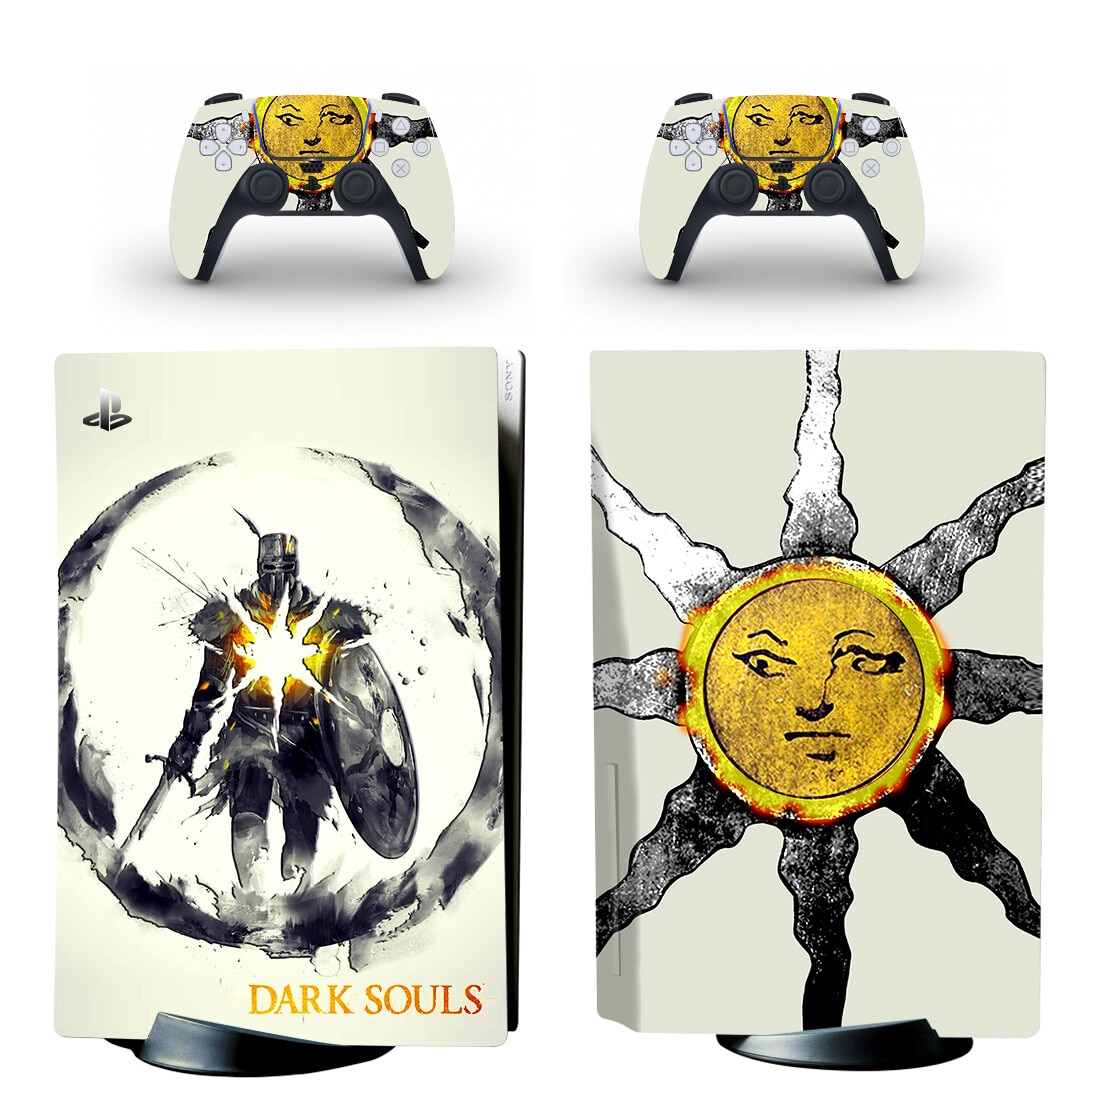 Capa para Playstation Adesivos de Vinil Almas Escuras Padrão Disco Pele Adesivo Decalque 5 Console & Controlador Skins Ps5